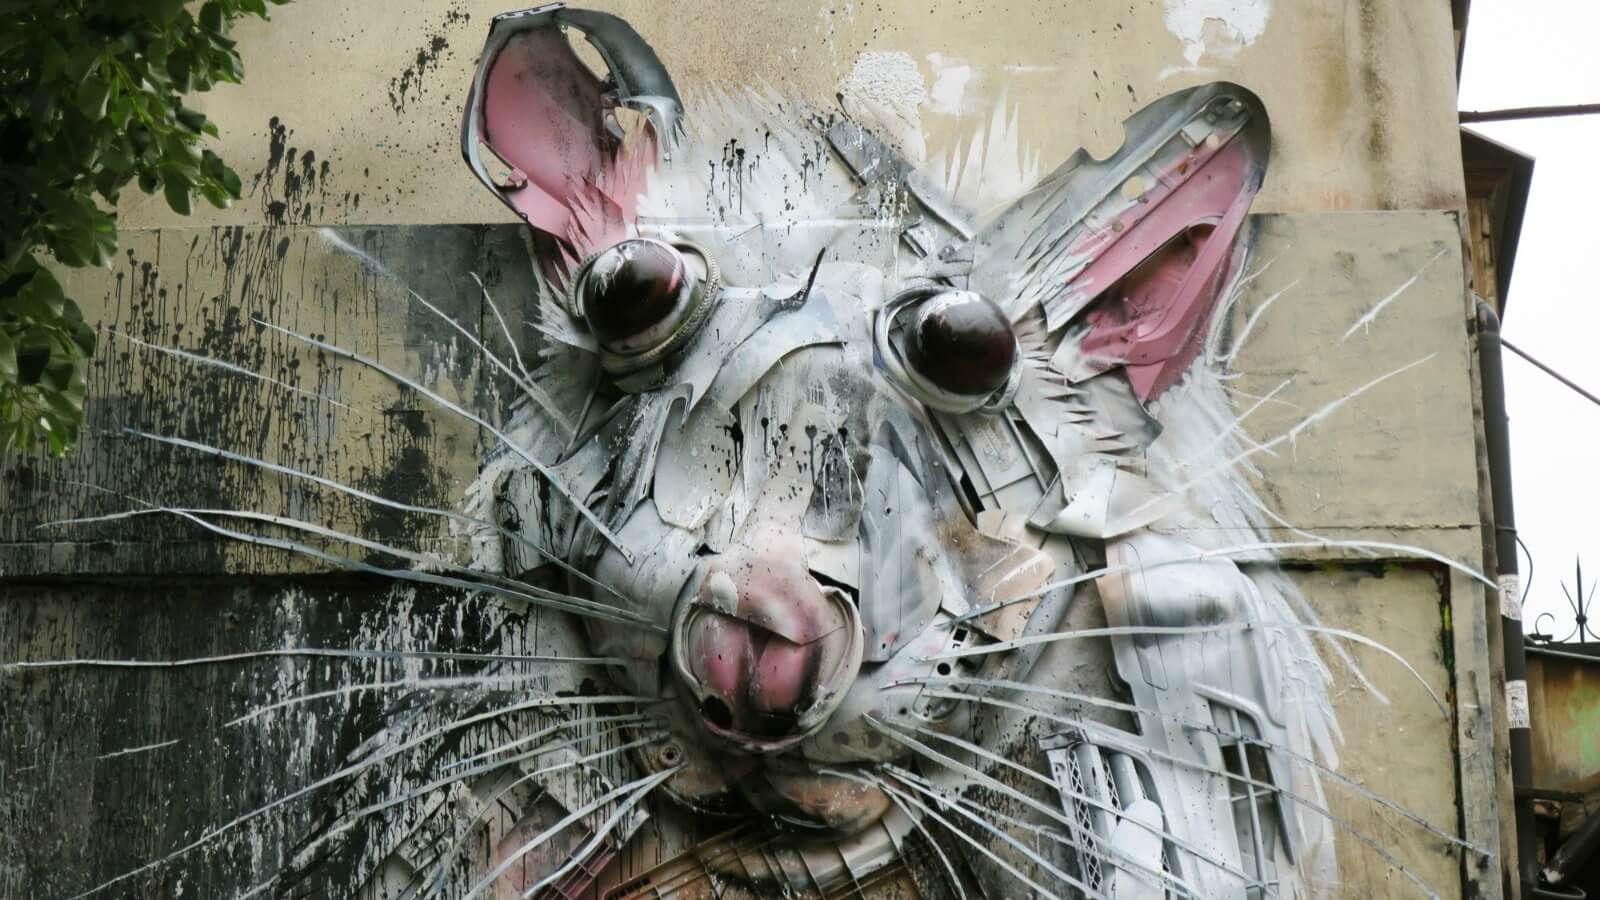 El nuevo mural con material reciclable de Bordallo II en París ♻